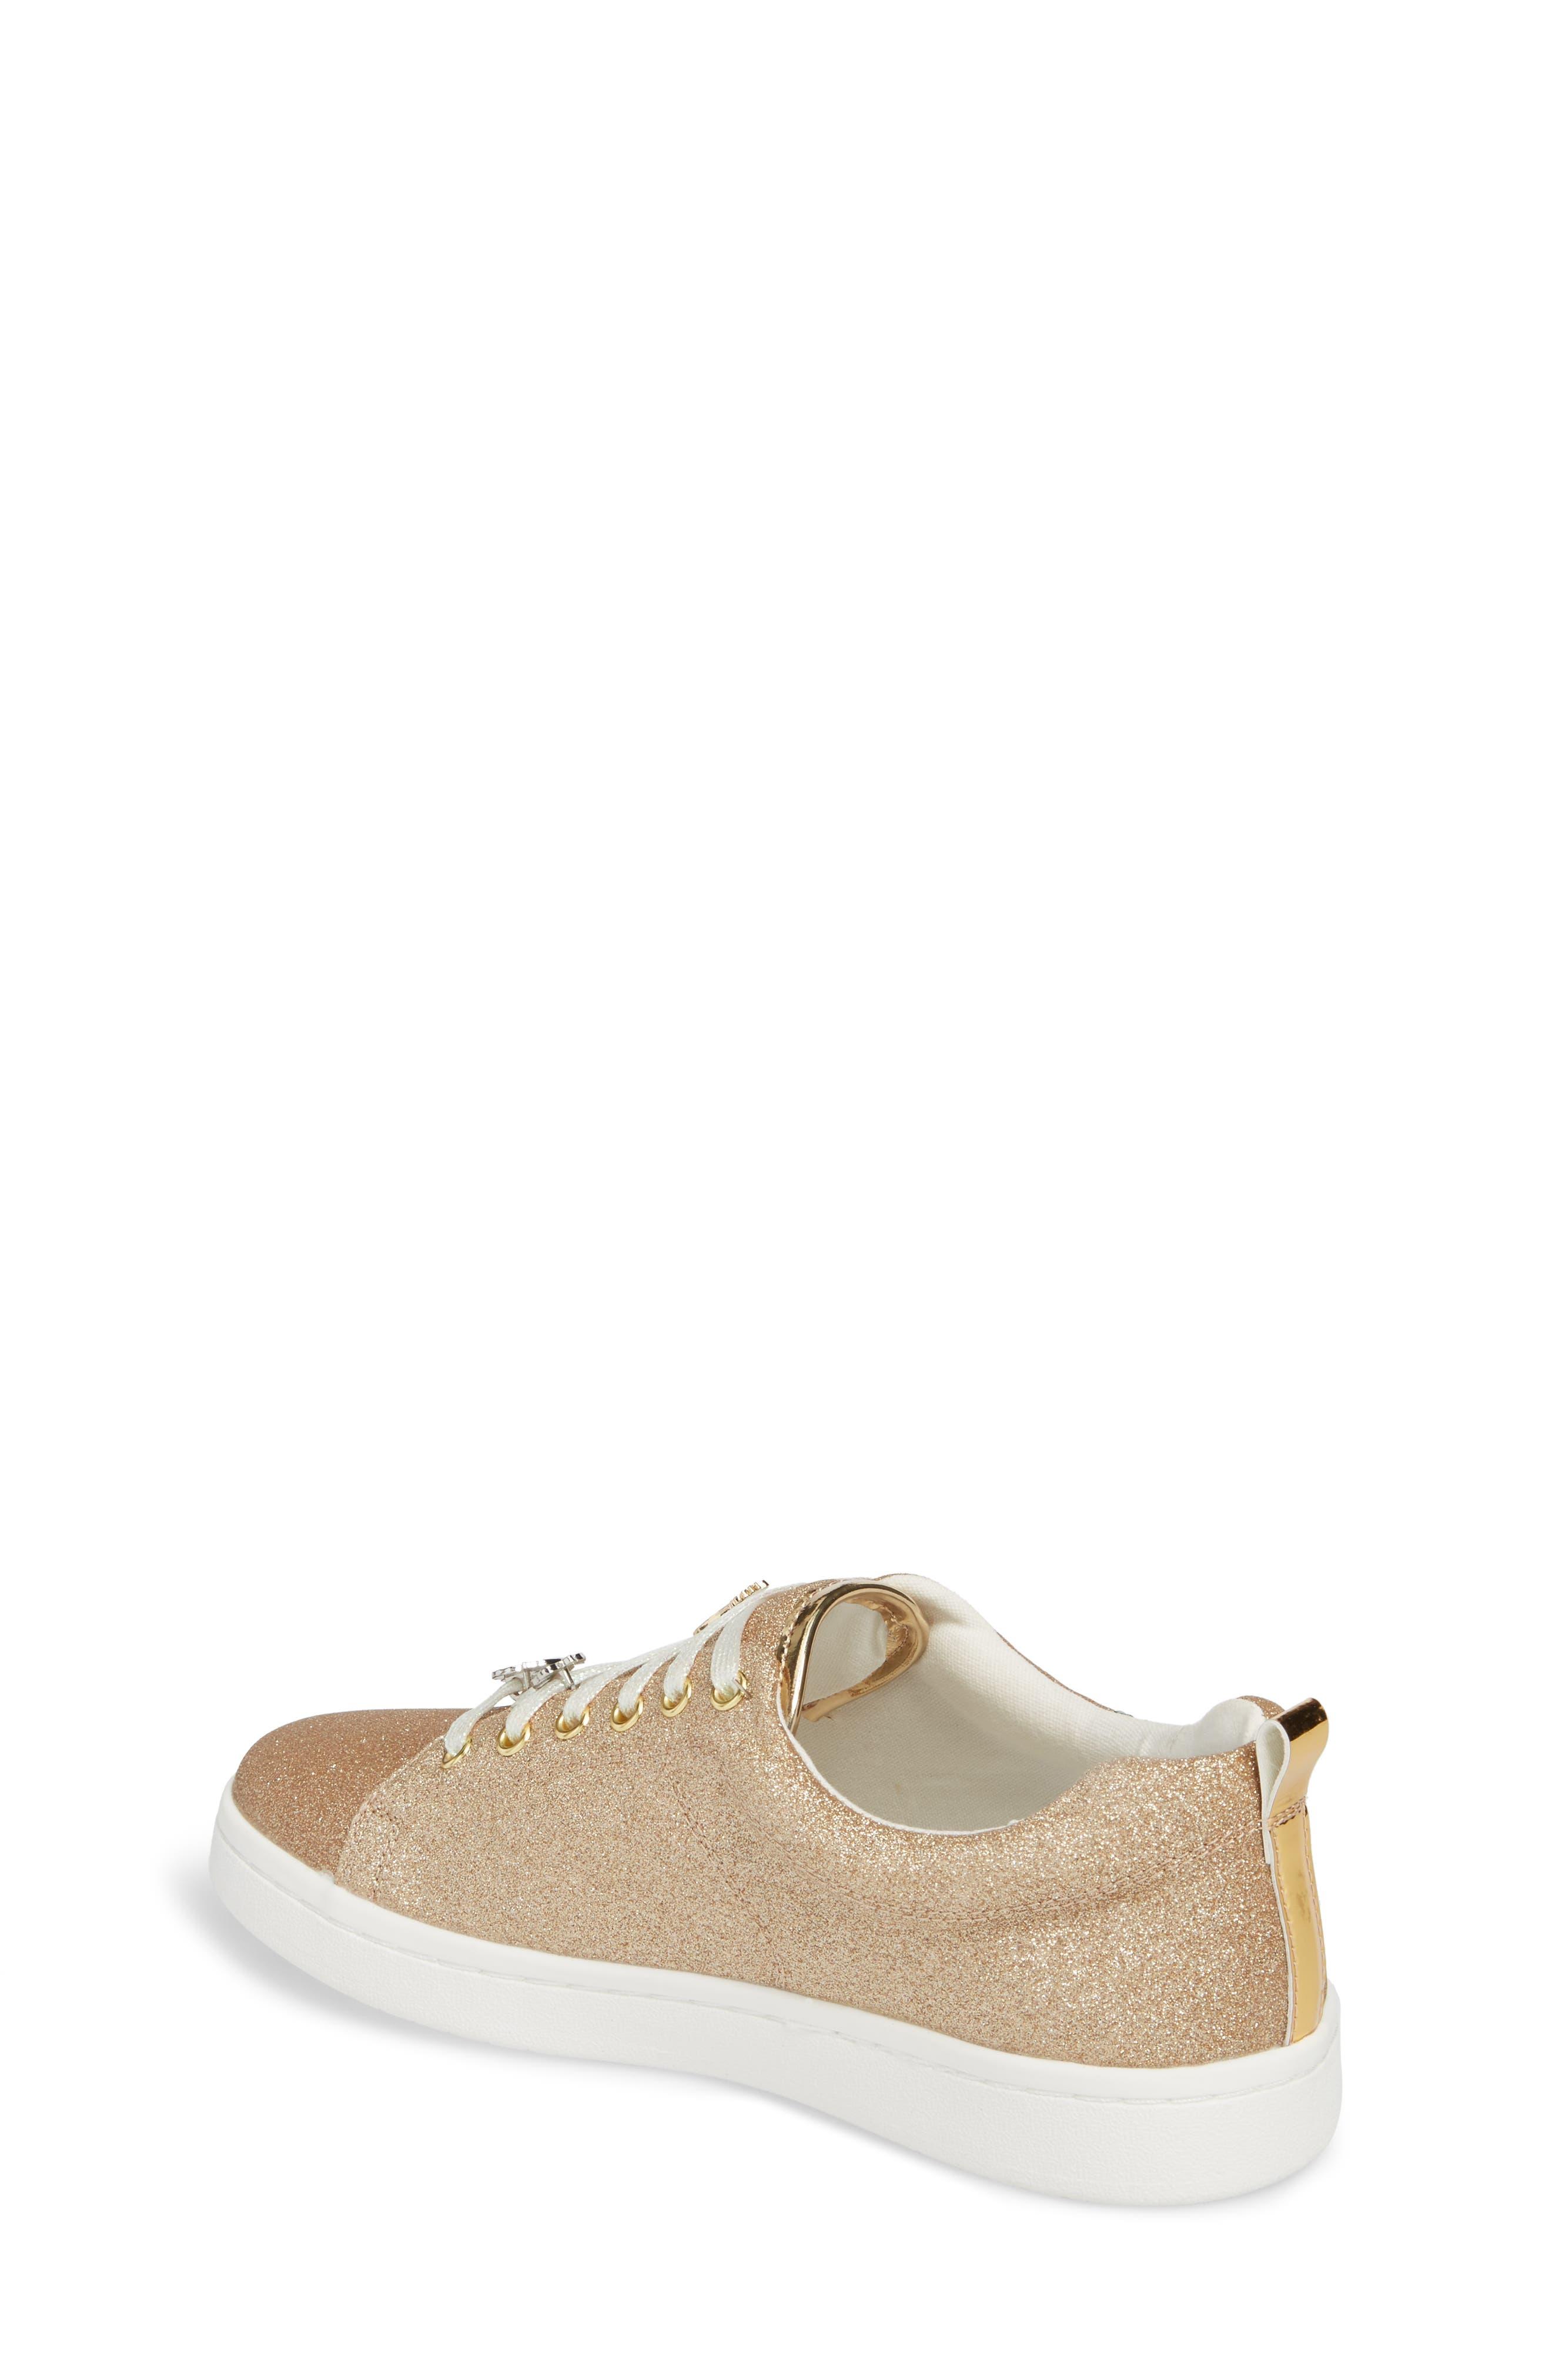 Blane Myth Glitter Sneaker,                             Alternate thumbnail 2, color,                             Golden Pineapple Faux Leather